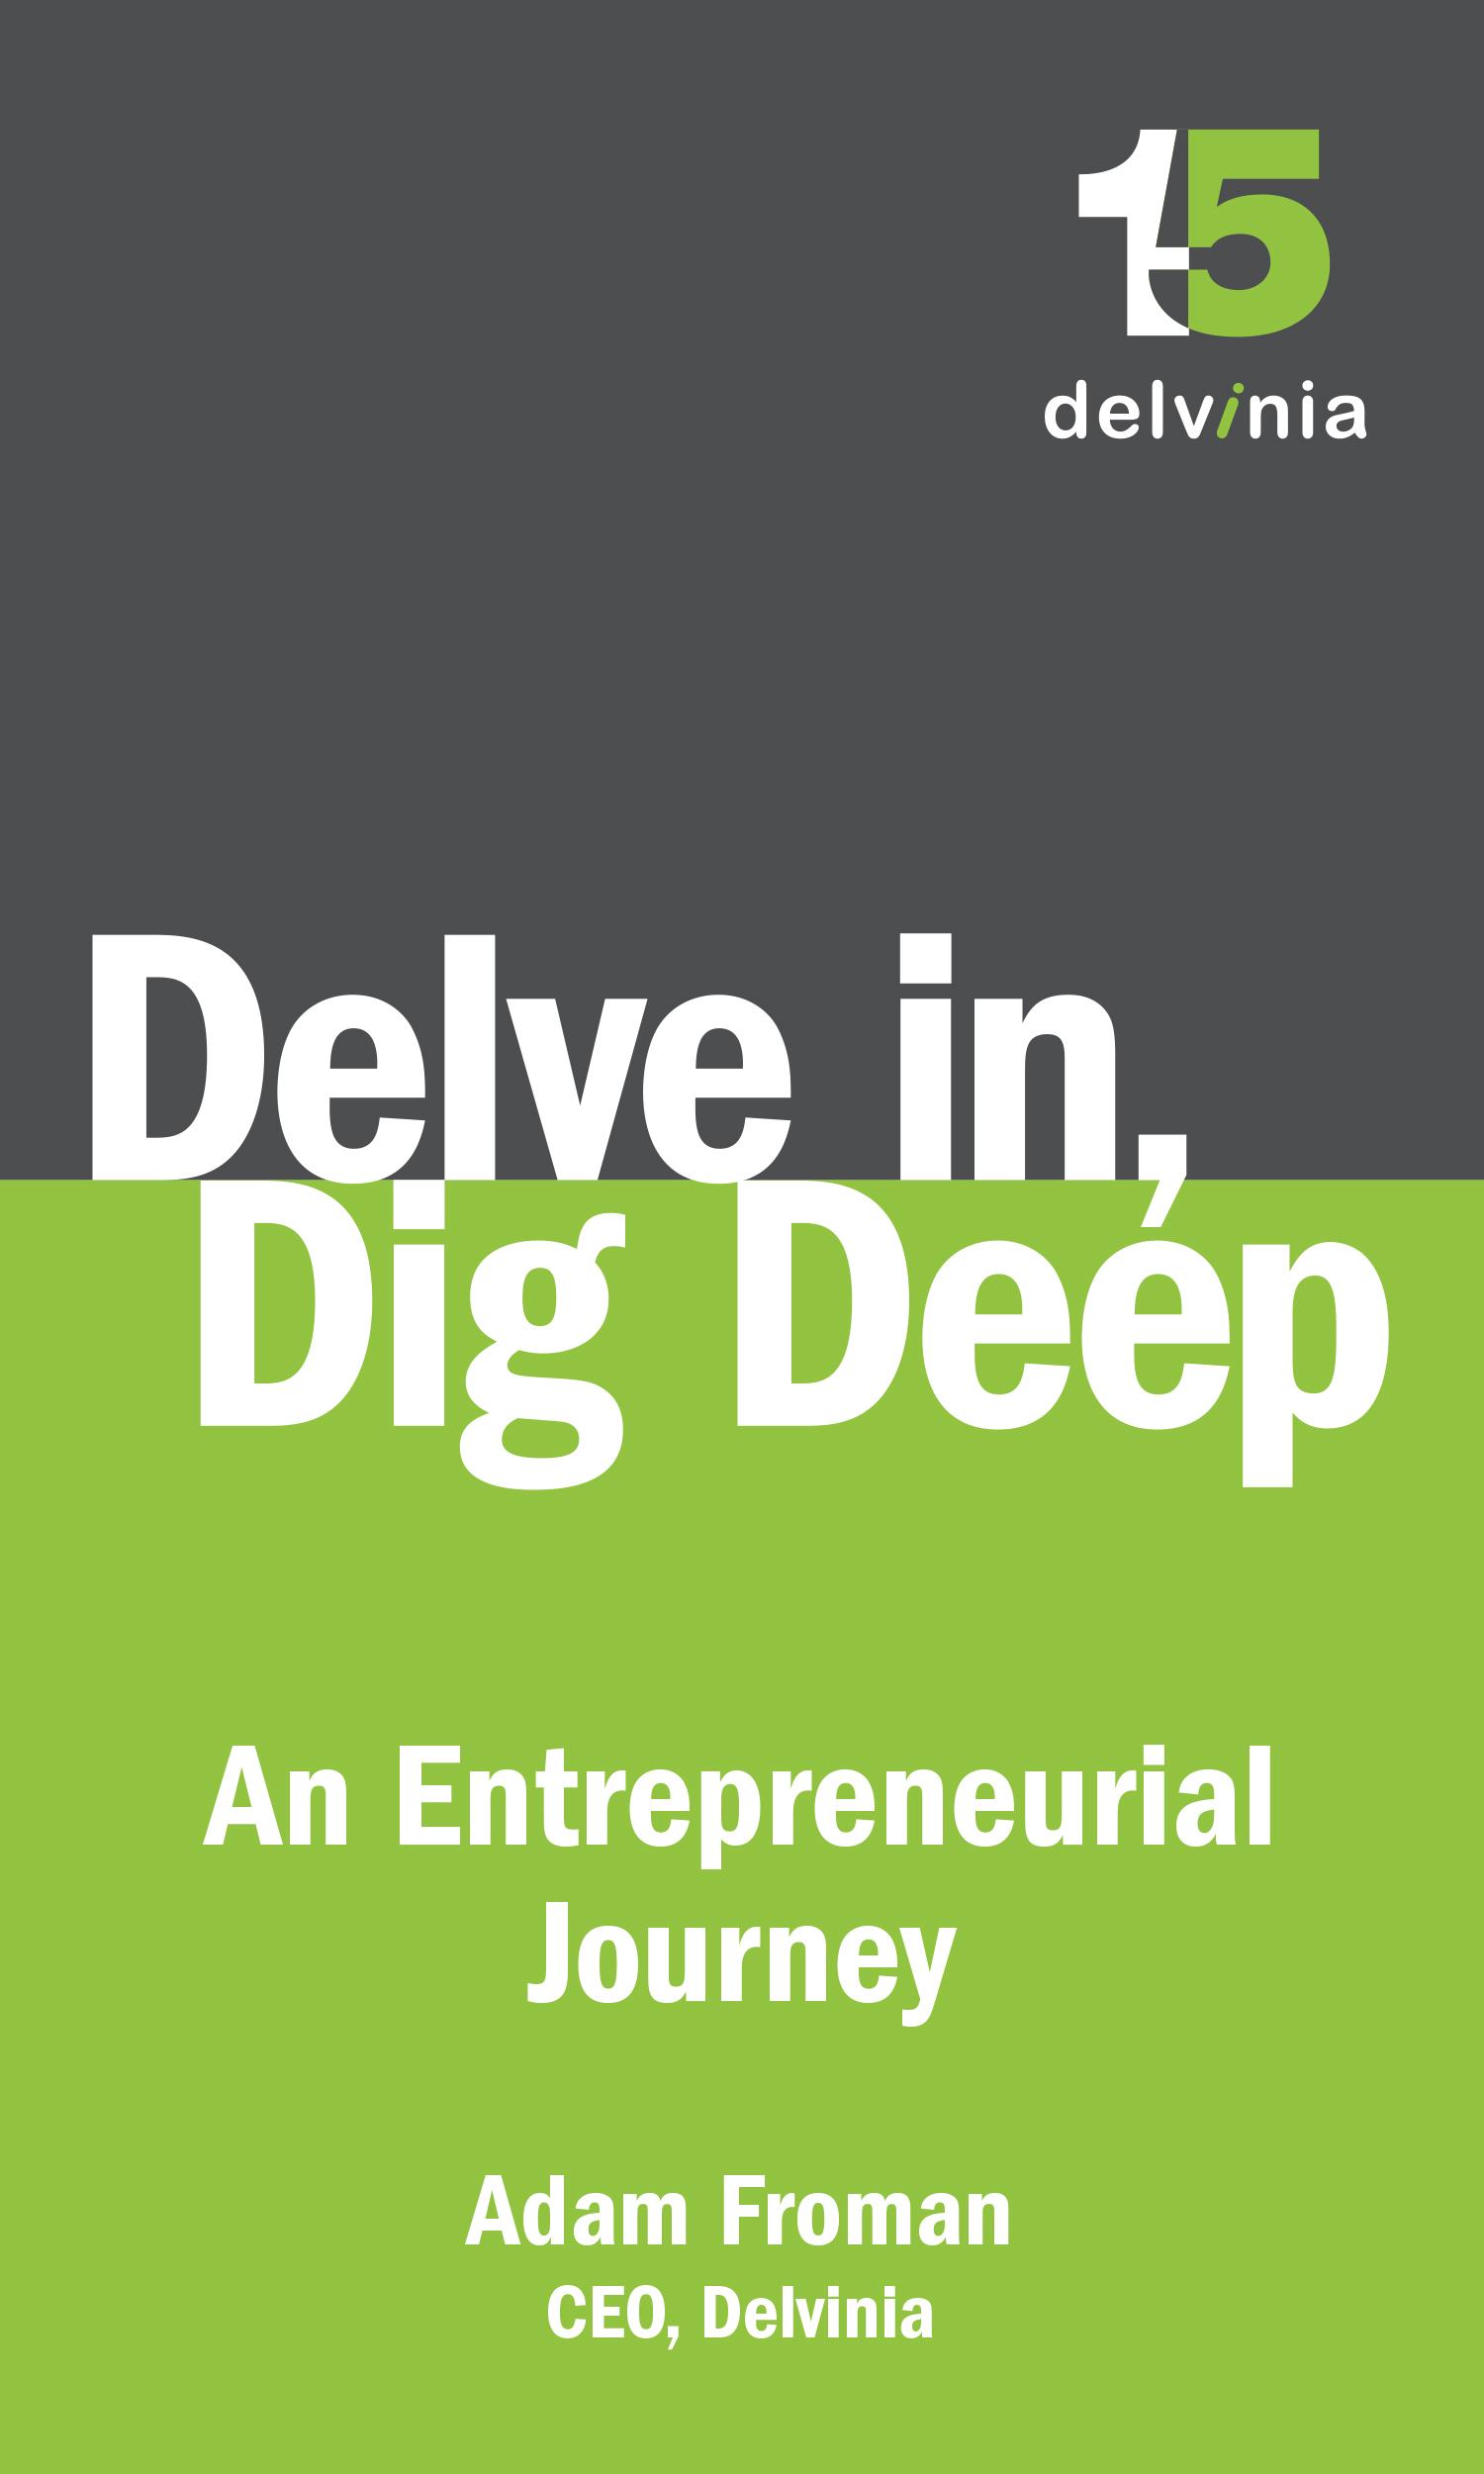 Delve In, Dig Deep